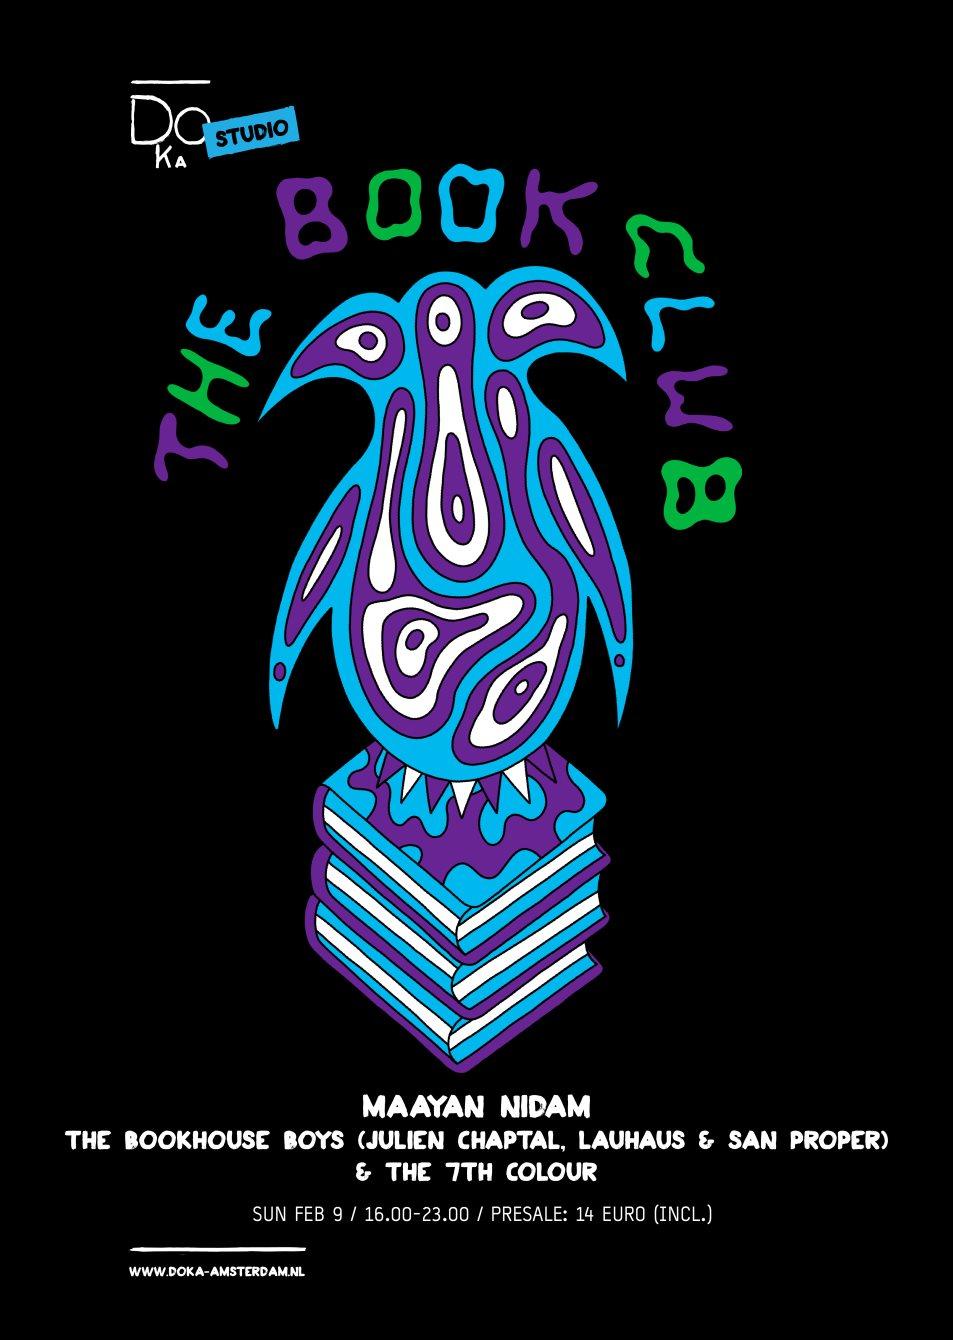 The Book Club x Doka Studio with Maayan Nidam - Flyer back